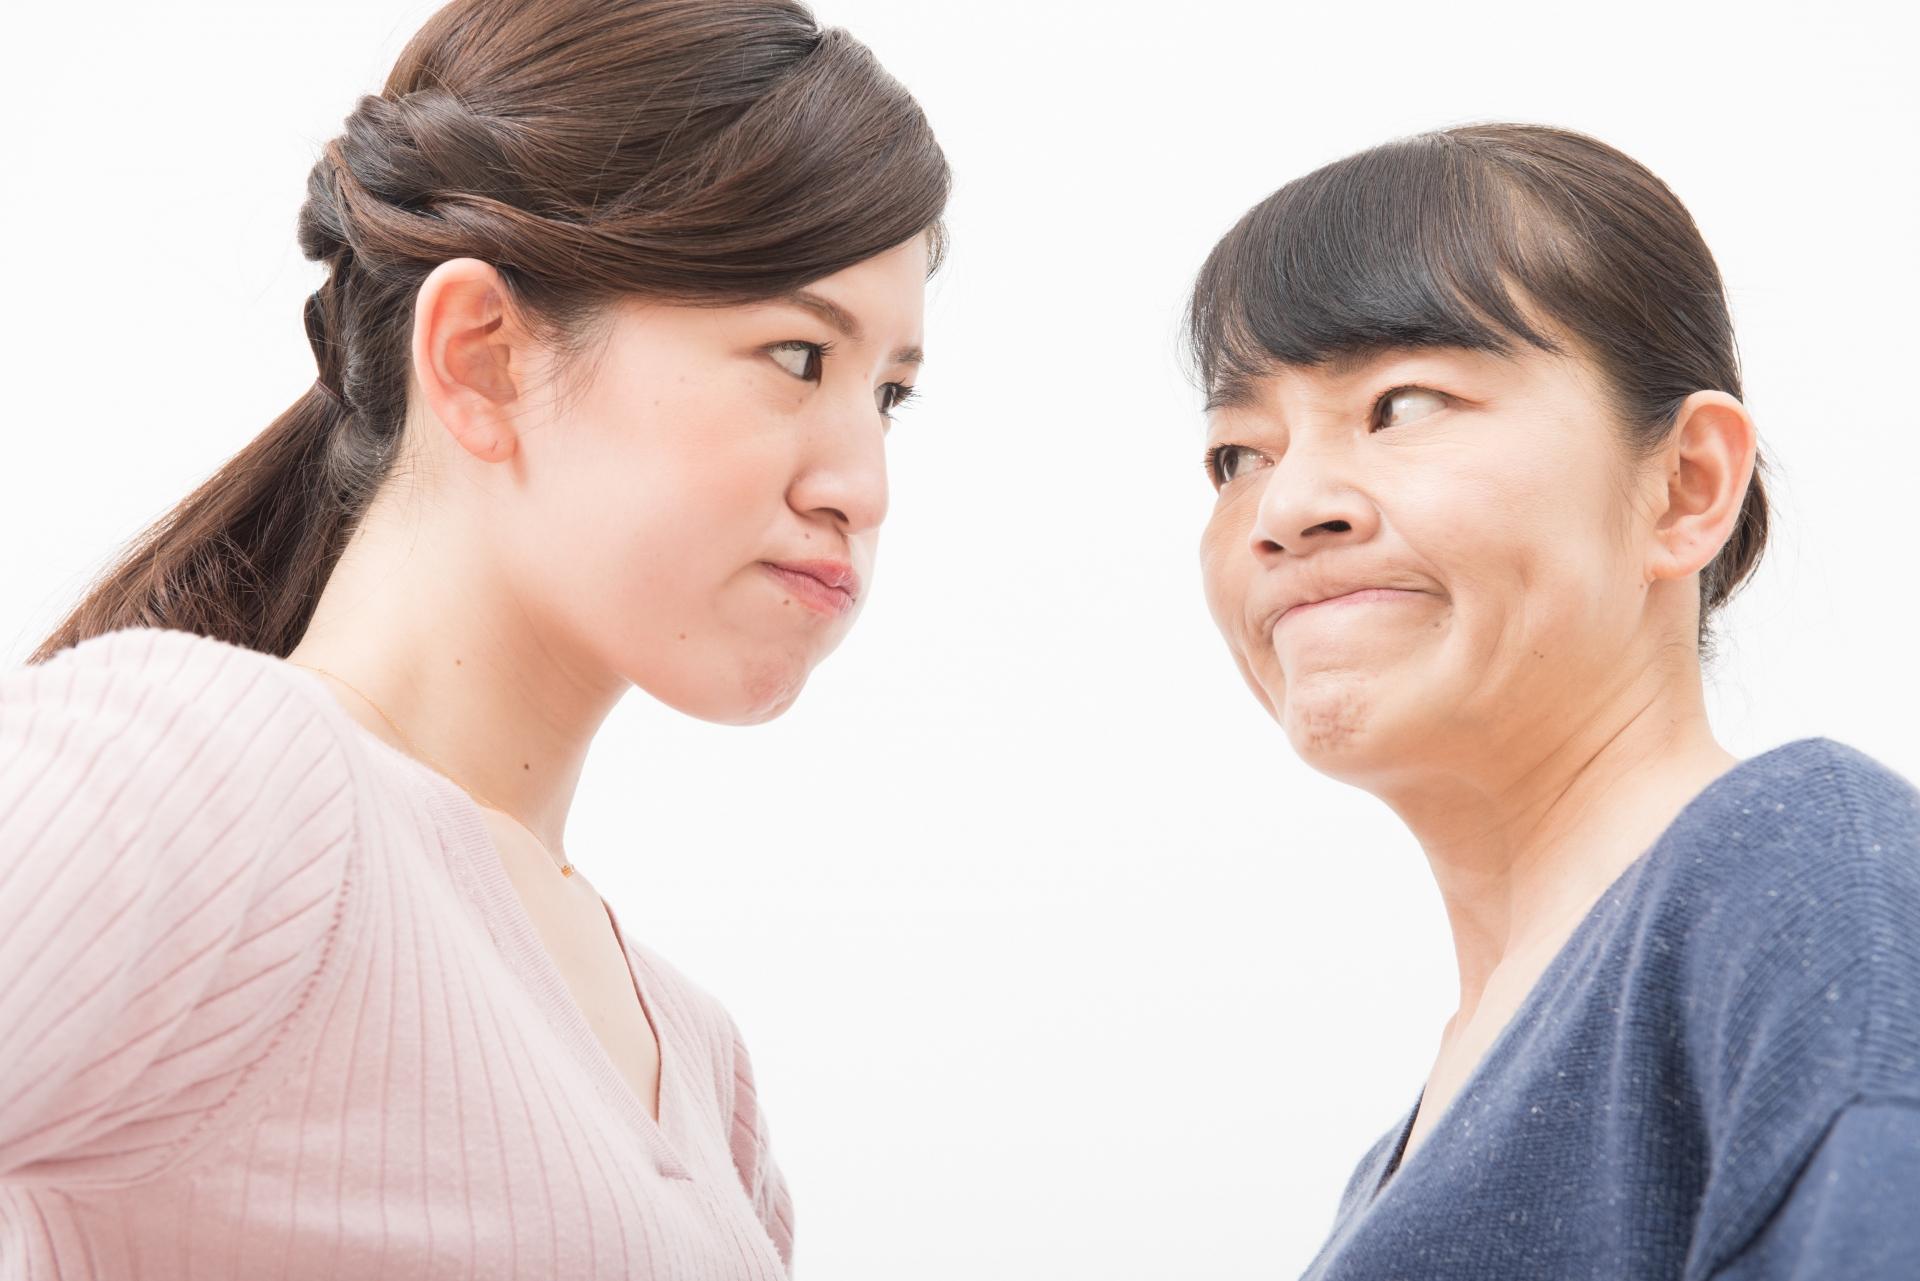 実の母親と性格が合わない!イライラしてしまう原因